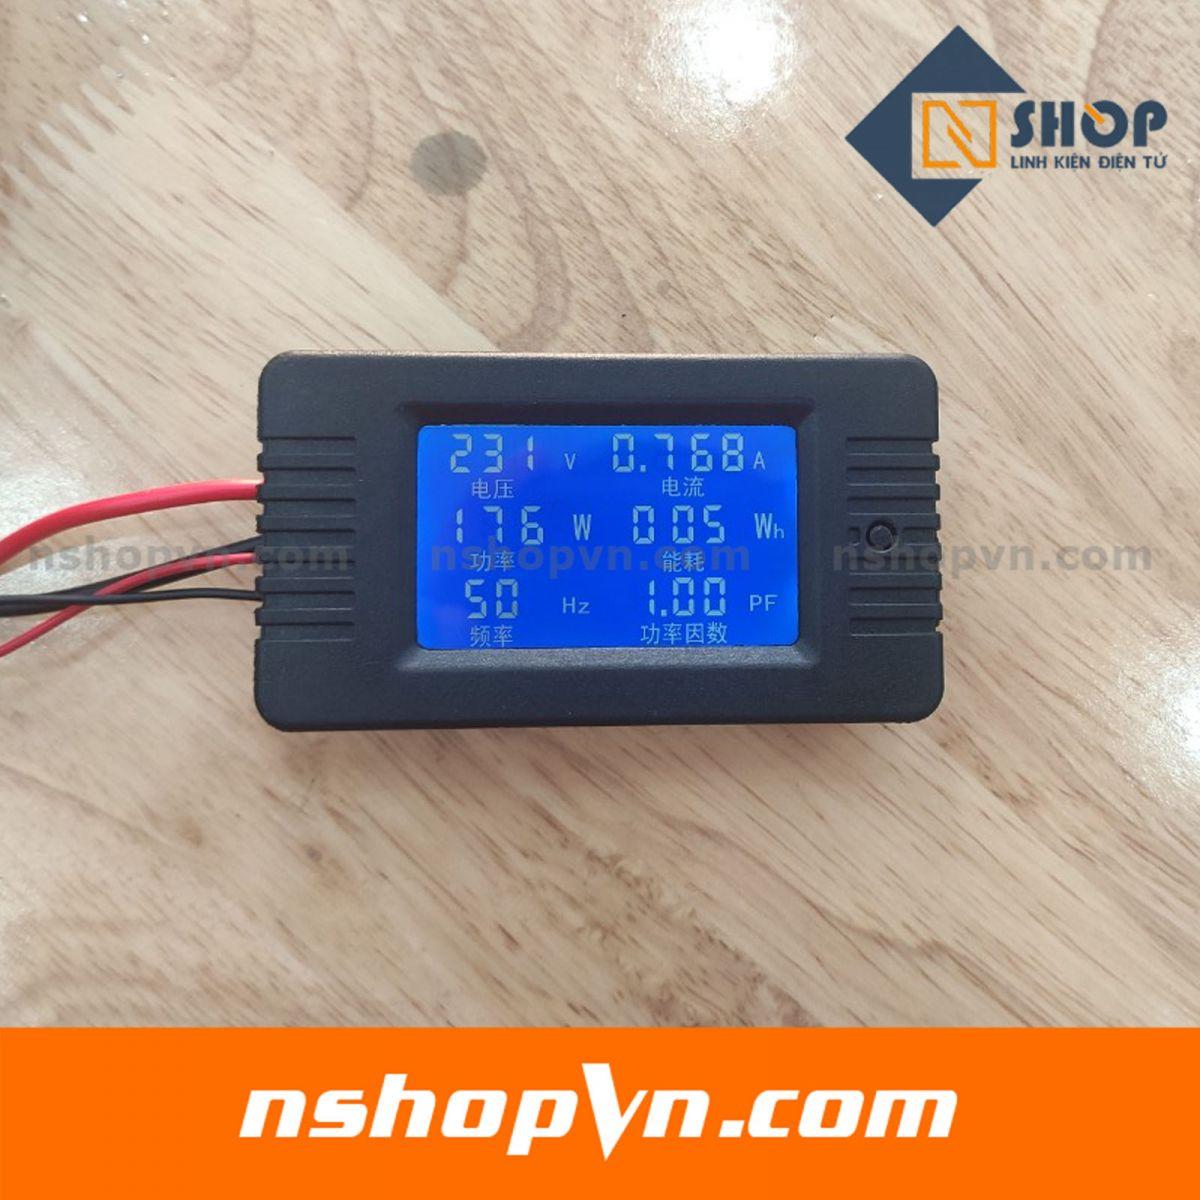 Đồng hồ đo điện áp, dòng, công suất, mức năng lượng, tần số, hệ số công suất 100A